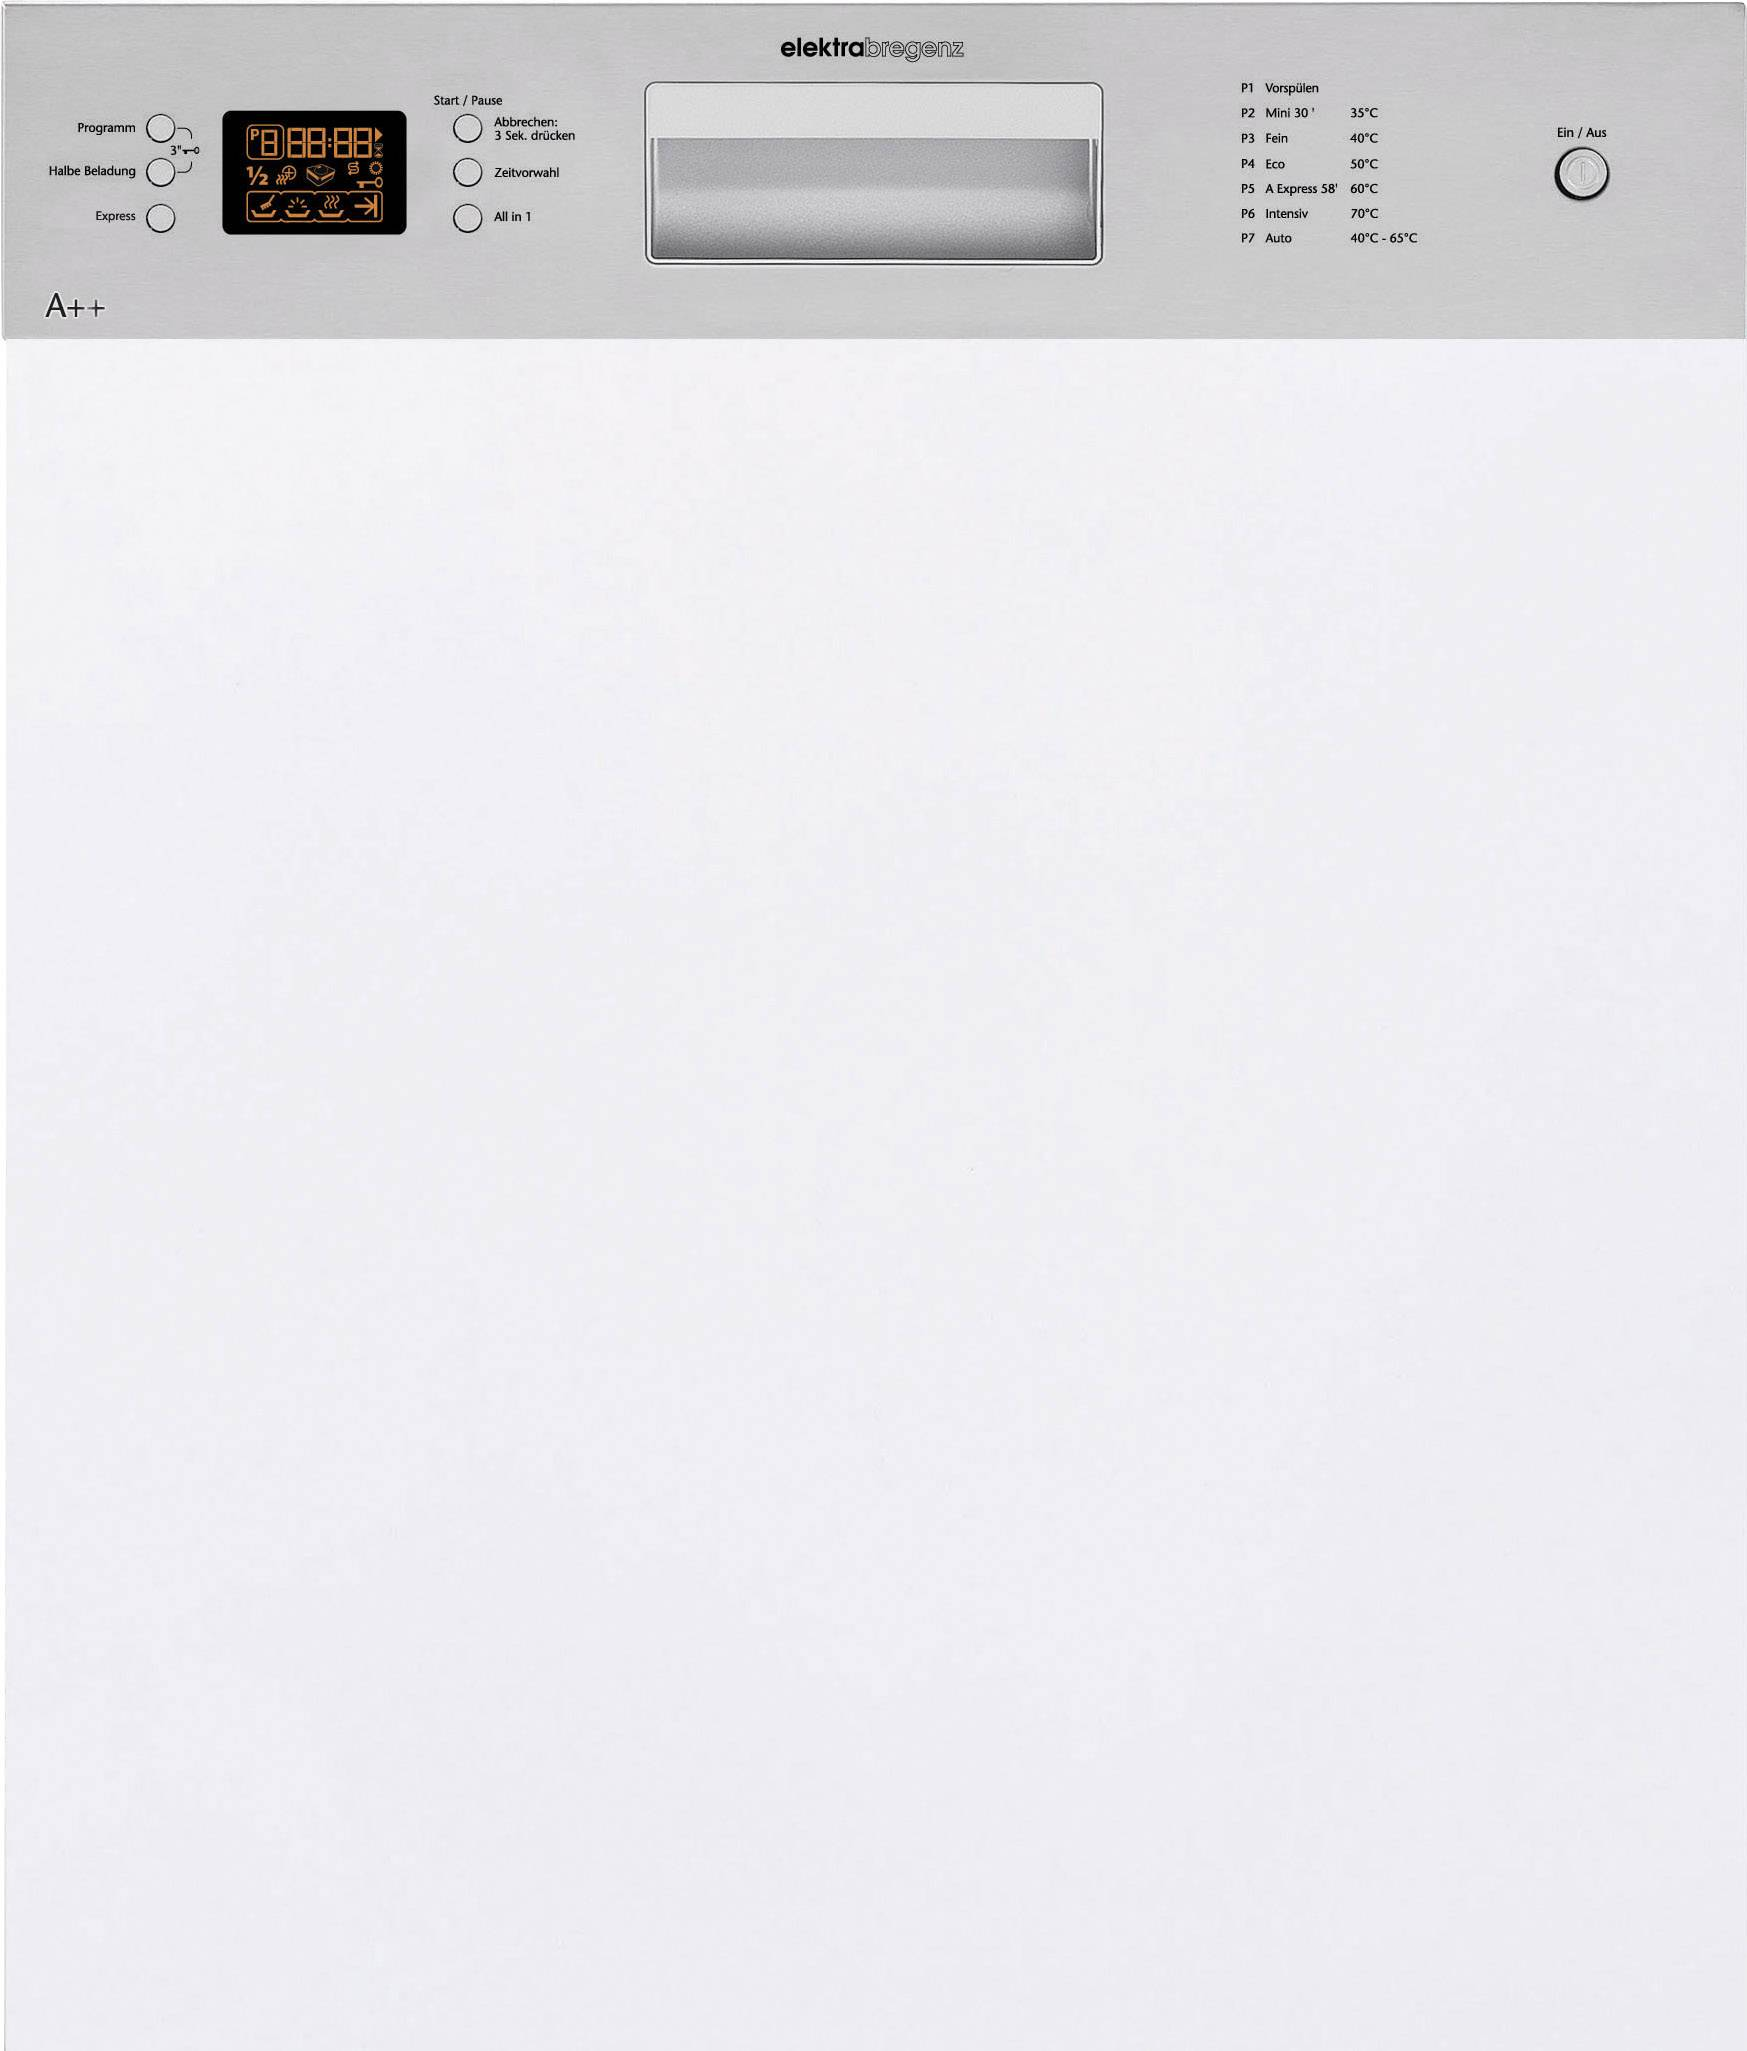 Einbau 60 Cm Gallery Cm Breit With Einbau 60 Cm Free Cm